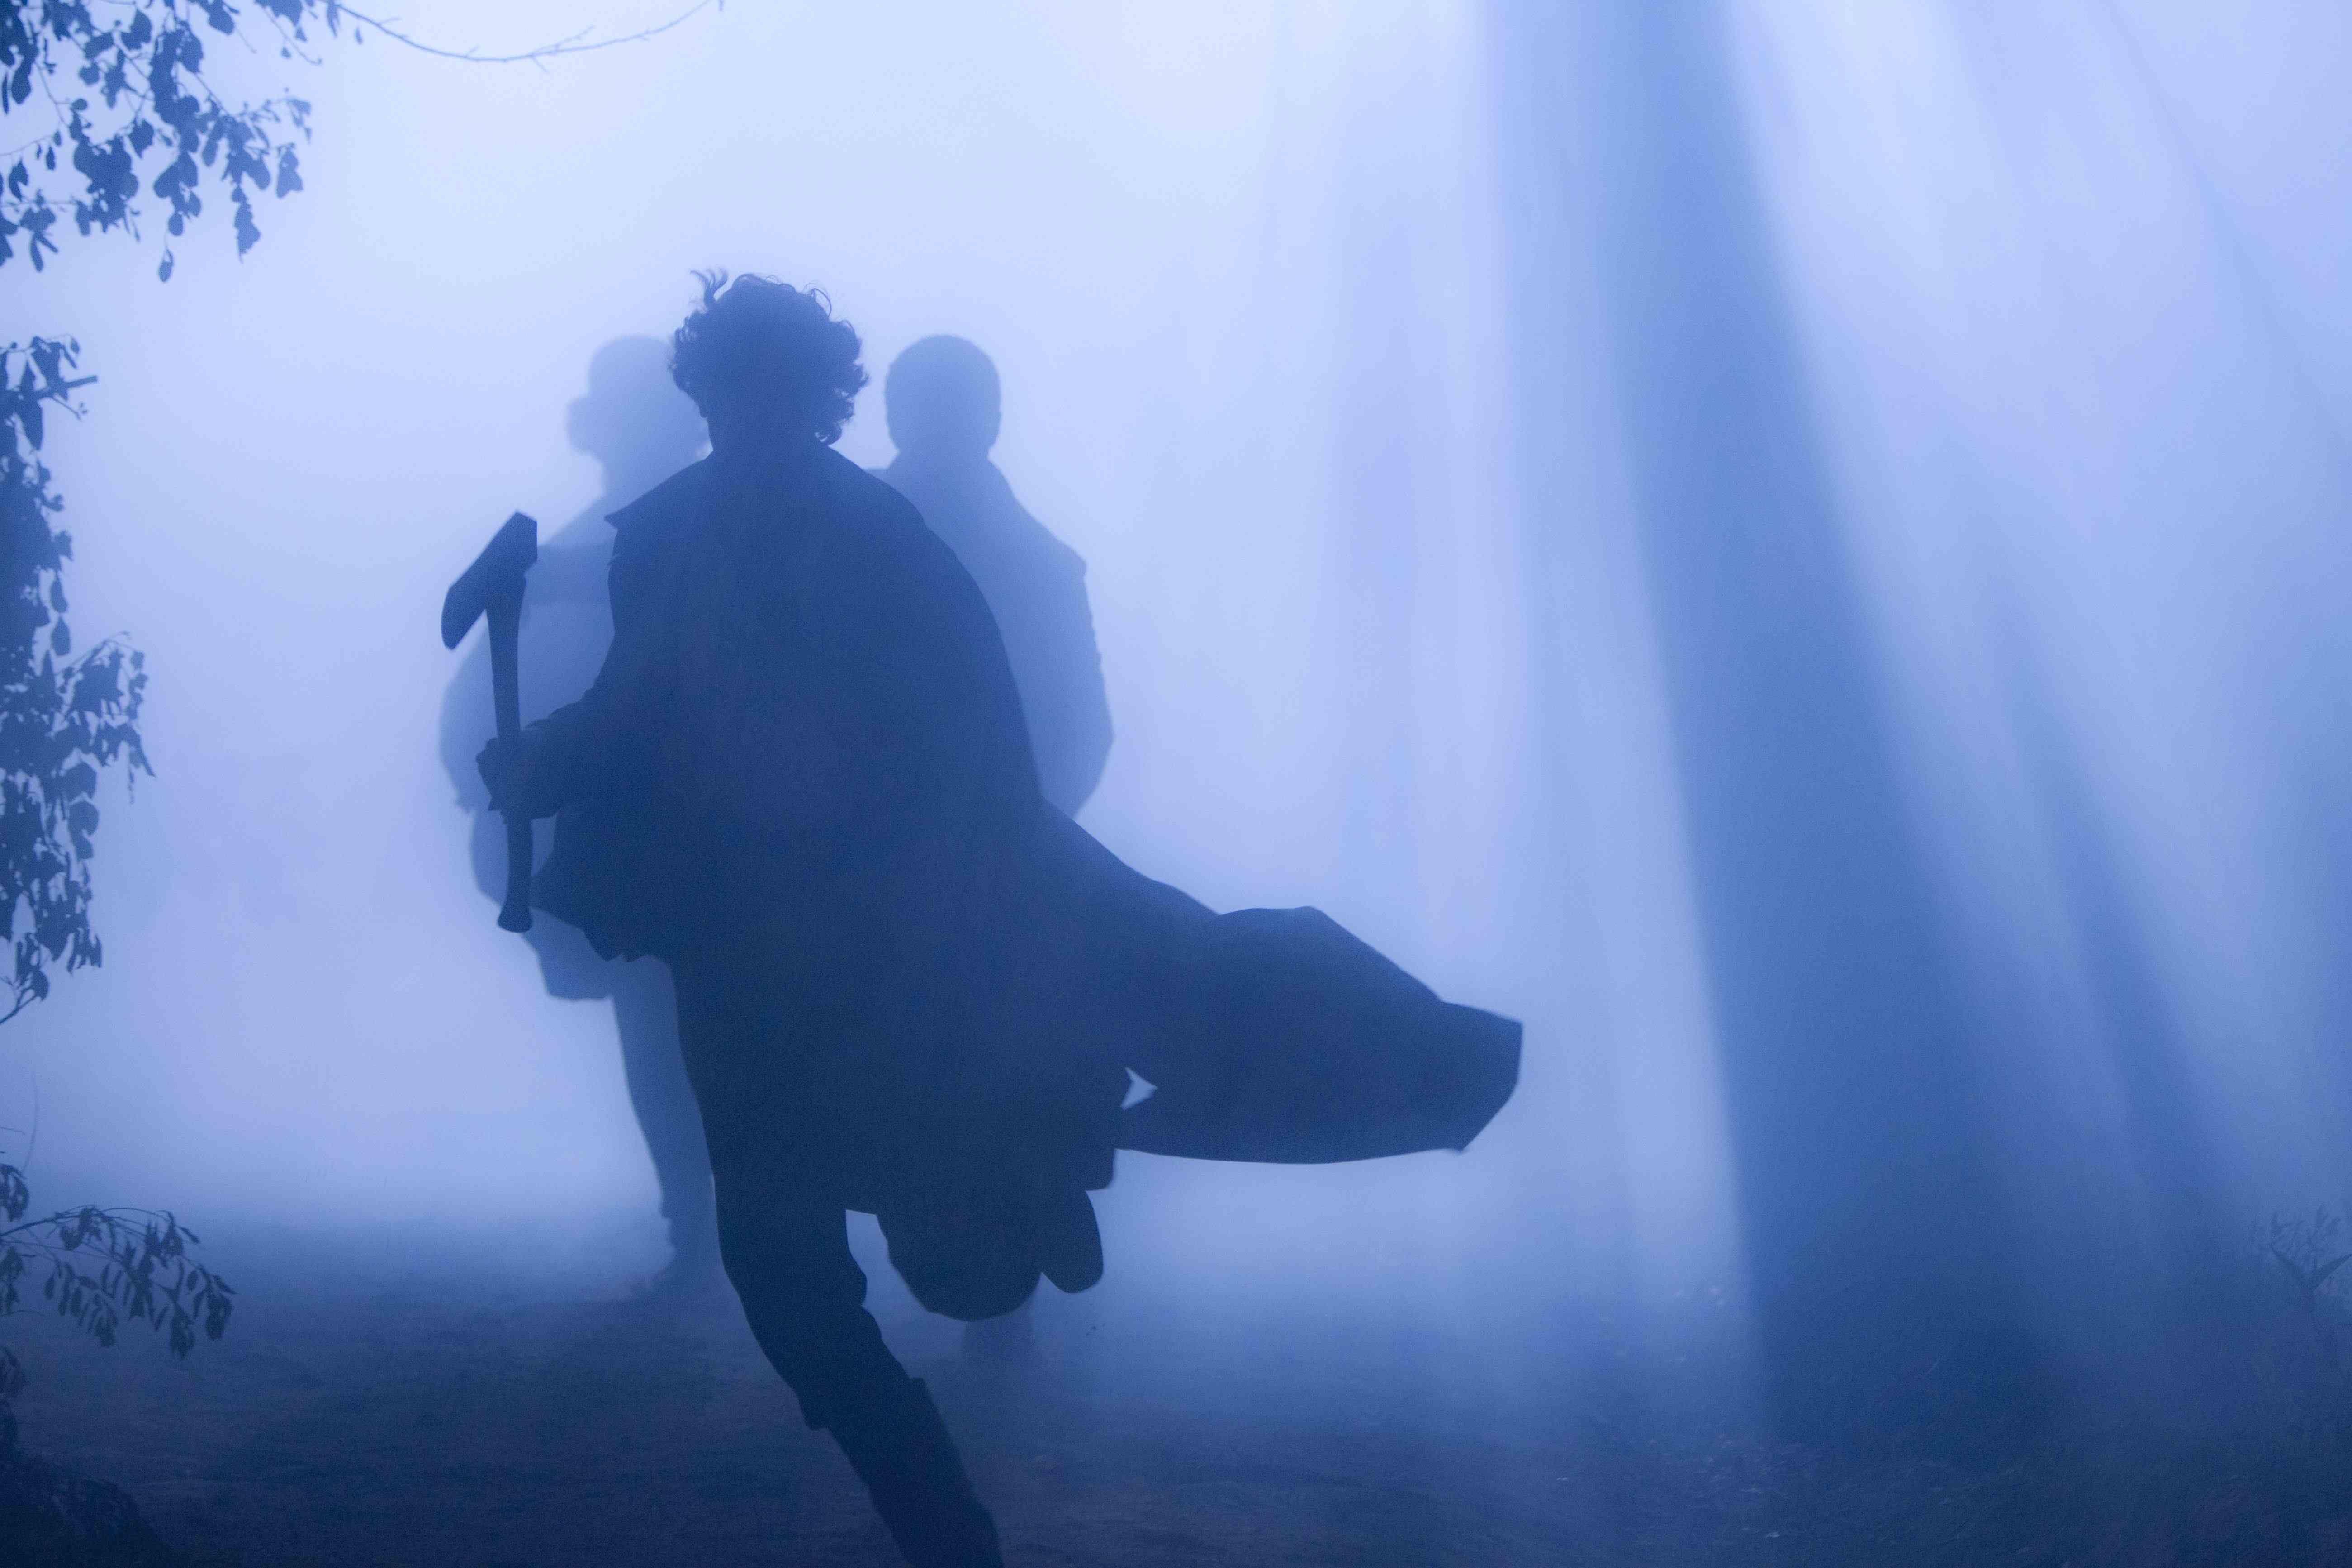 """In questo film i geni visionari Tim Burton e Bekmambetov infondono nuova linfa al filone vampiresco e portano sullo schermo la vita segreta del più famoso ammazzavampiri della storia. Che cosa c'entra Abraham Lincoln con i vampiri?  Scopritelo al cinema perché """"La leggenda del cacciatore di Vampiri"""" uscirà il 20 luglio in 3D"""